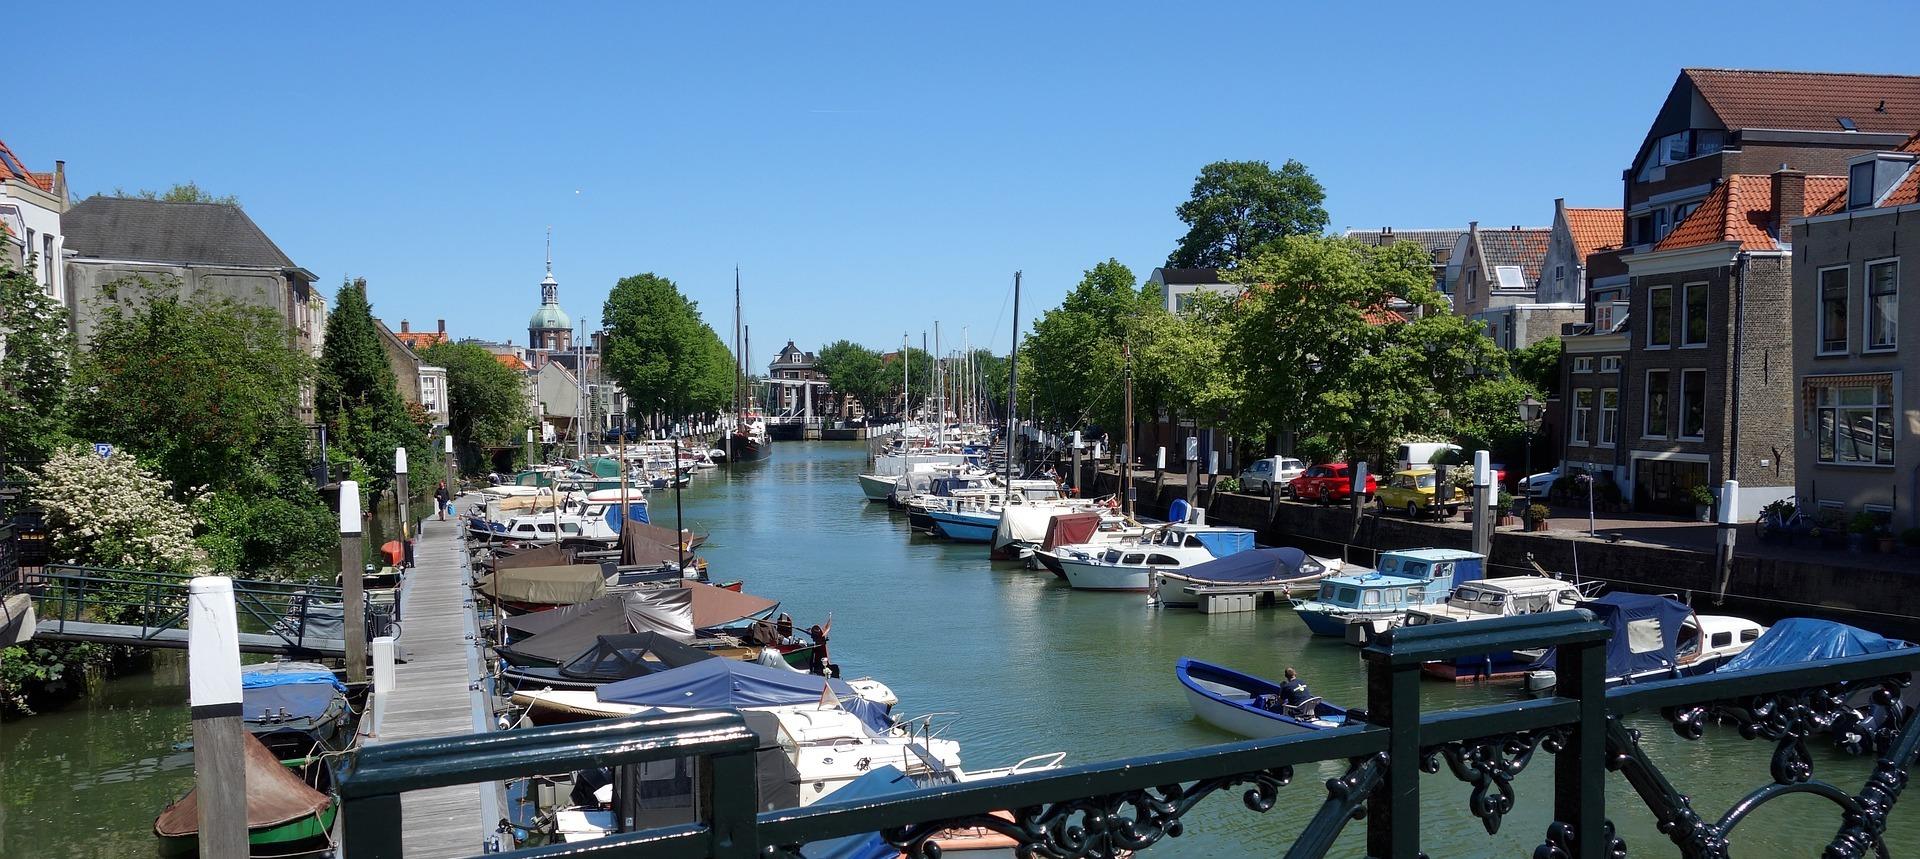 Snel Woning Verkopen in Dordrecht